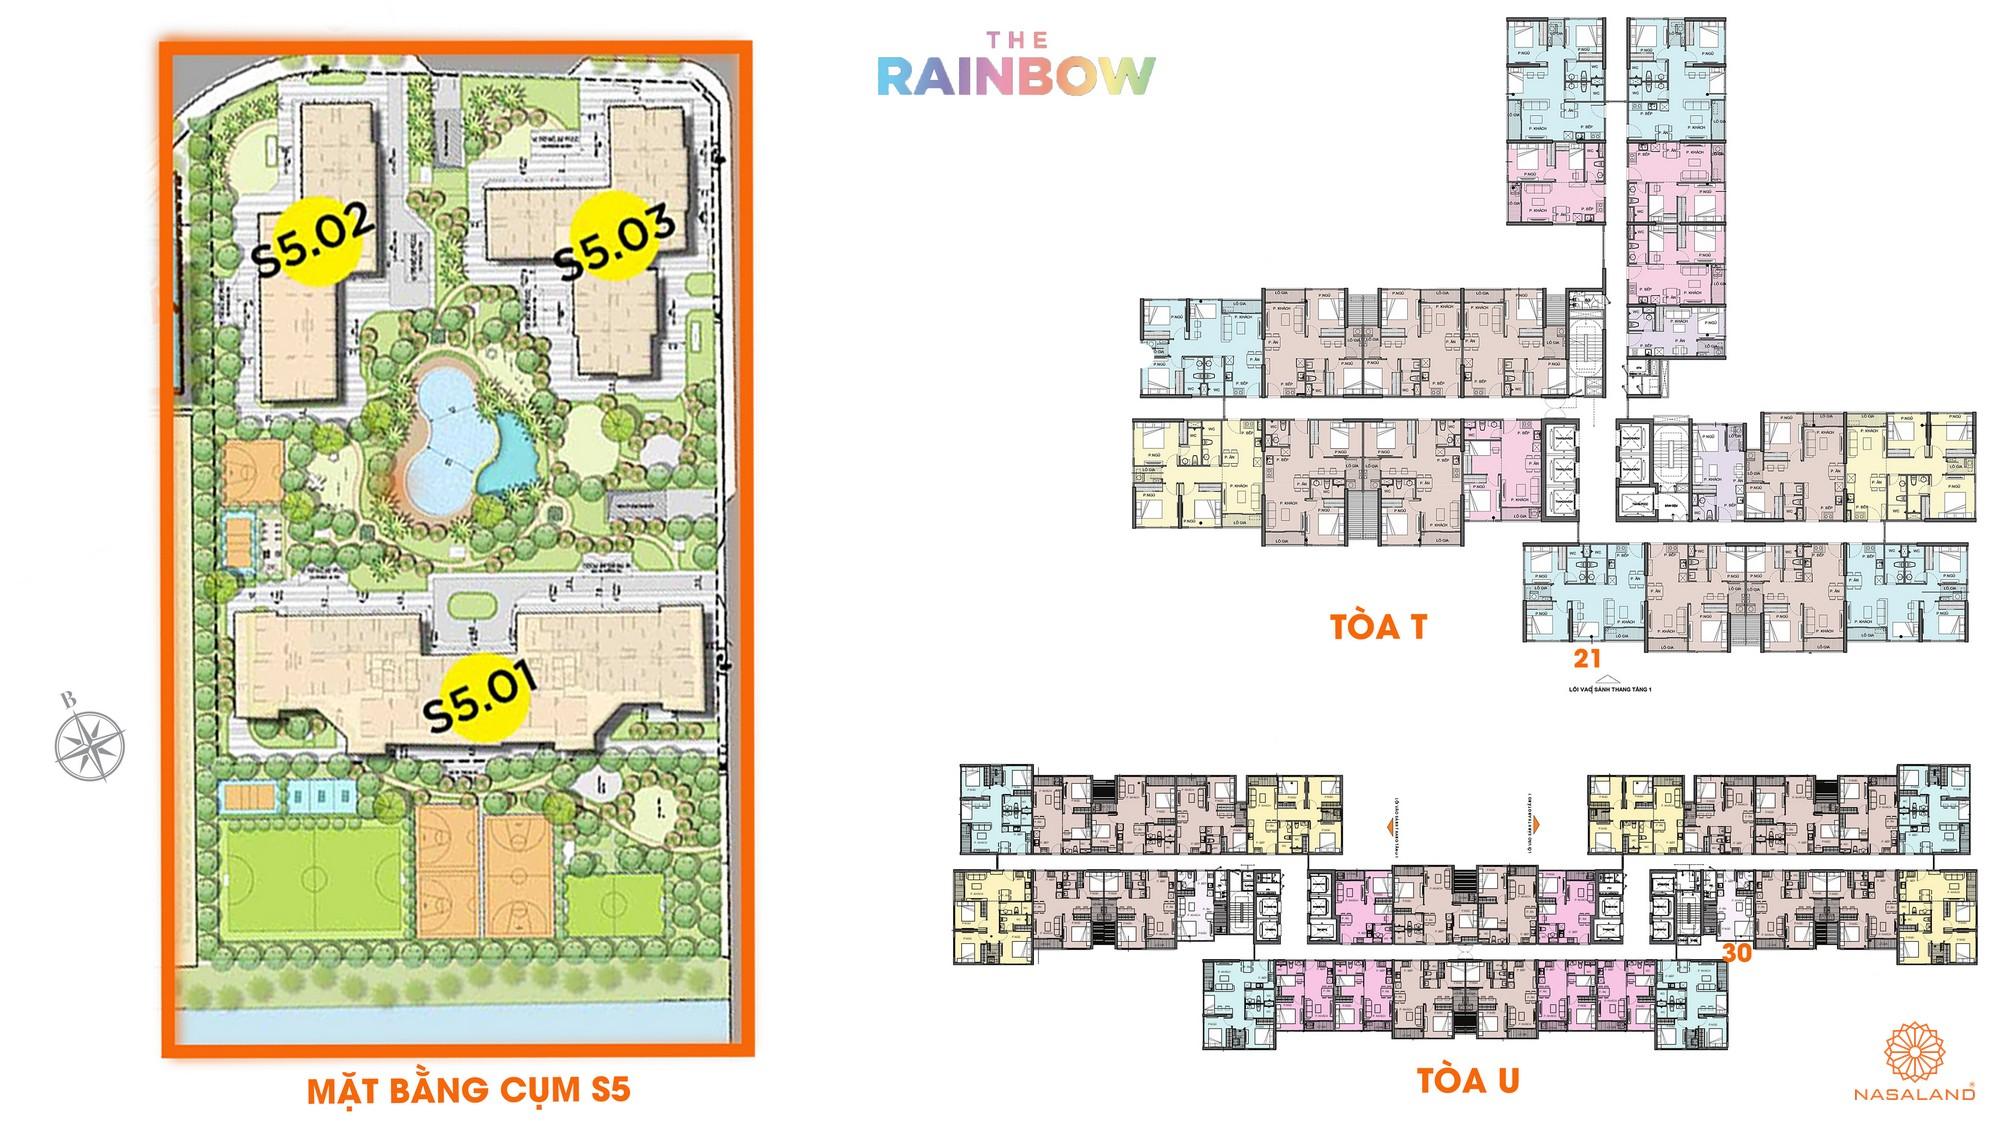 Mặt bằng cụm S5 dự án căn hộ chung cư The Rainbow Vinhomes Grand Park Quận 9